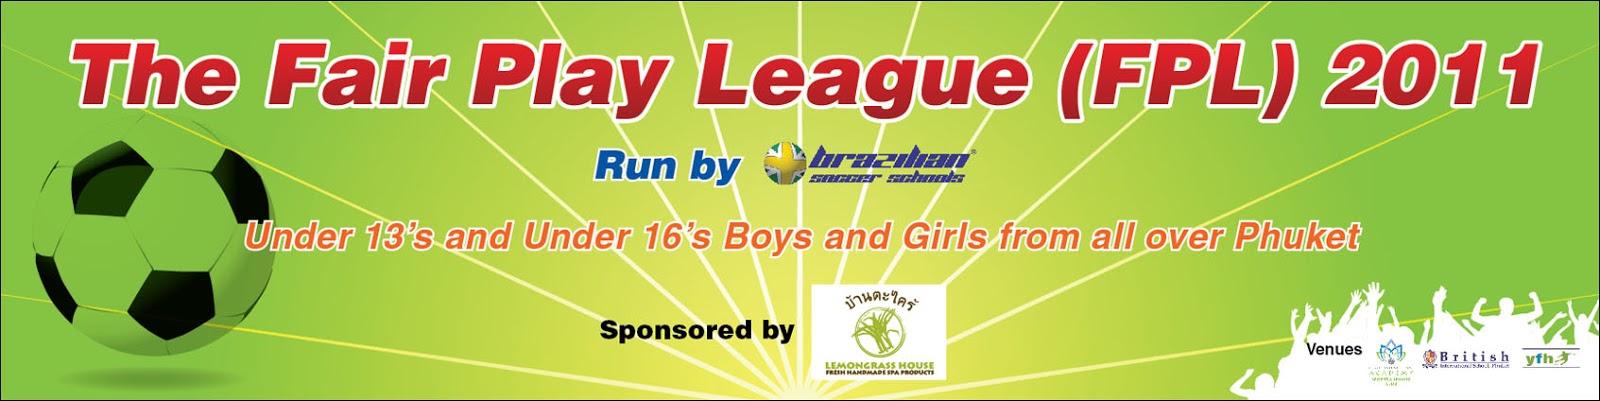 งานป้ายไวนิล The Fair Play League (FPL) 2011